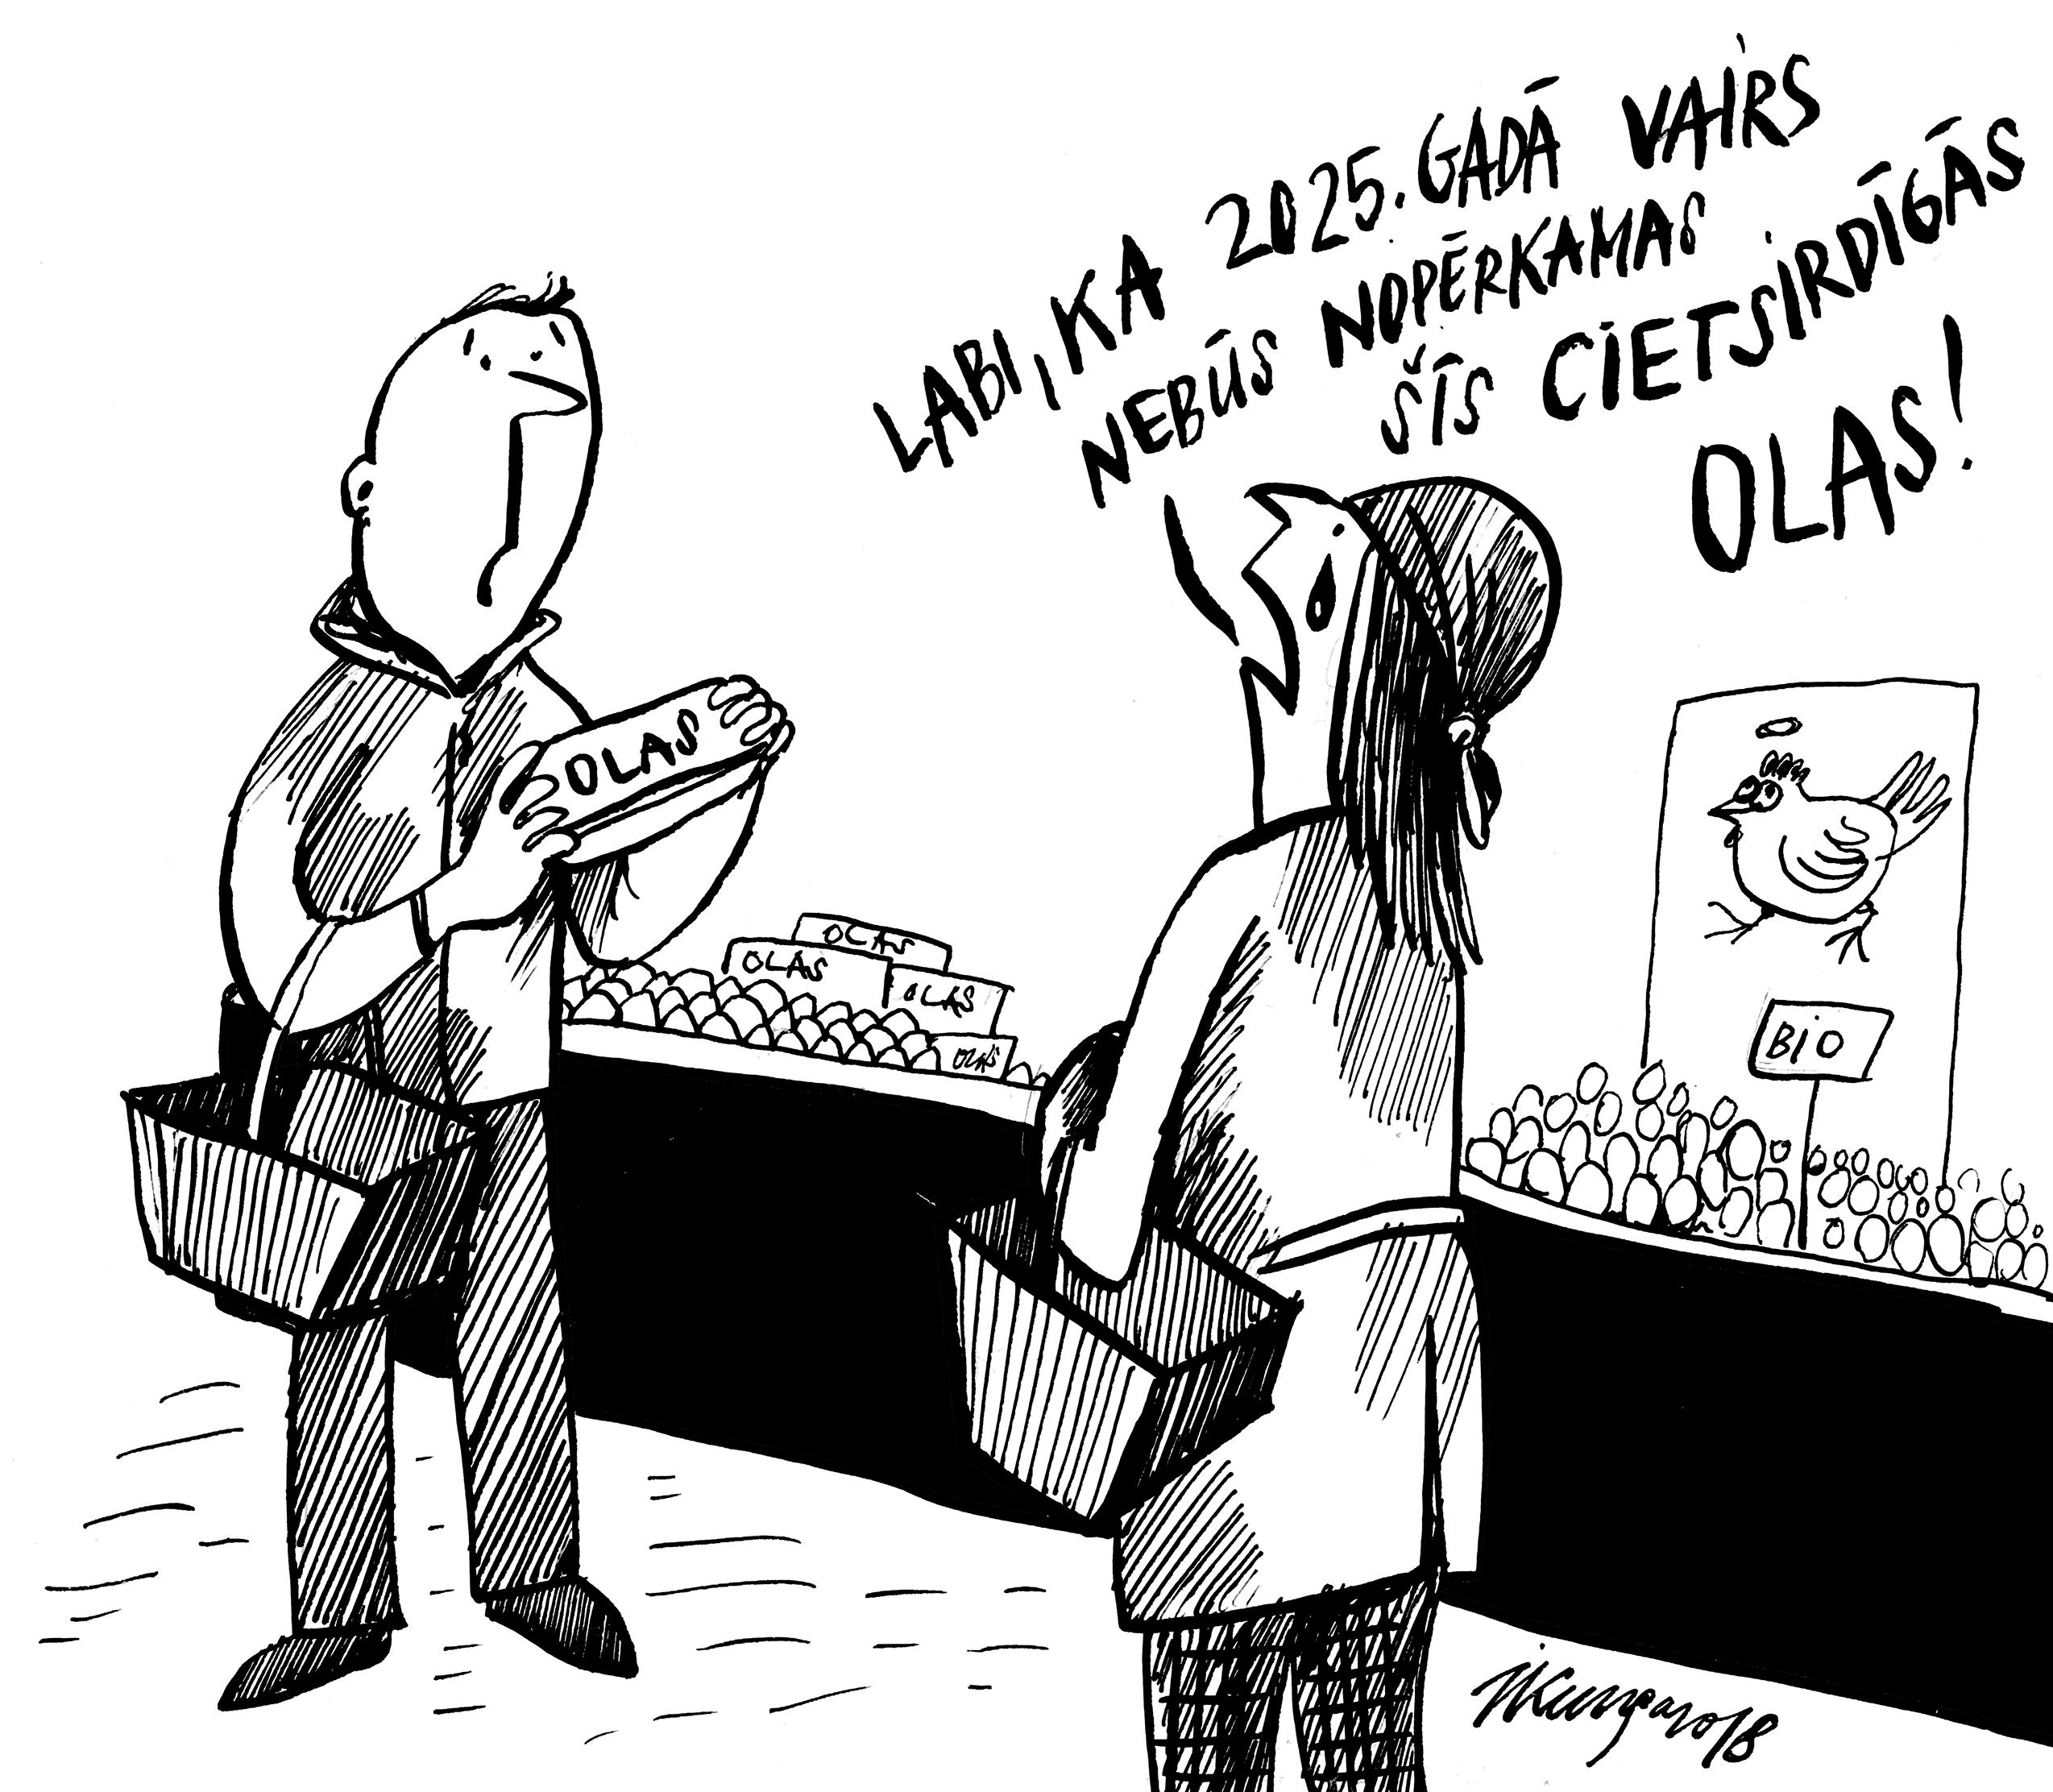 Karikatura_Janvaris 2018 2025. gadā lielveikali apņēmušies netirgot sprostos turētu vistu olas.